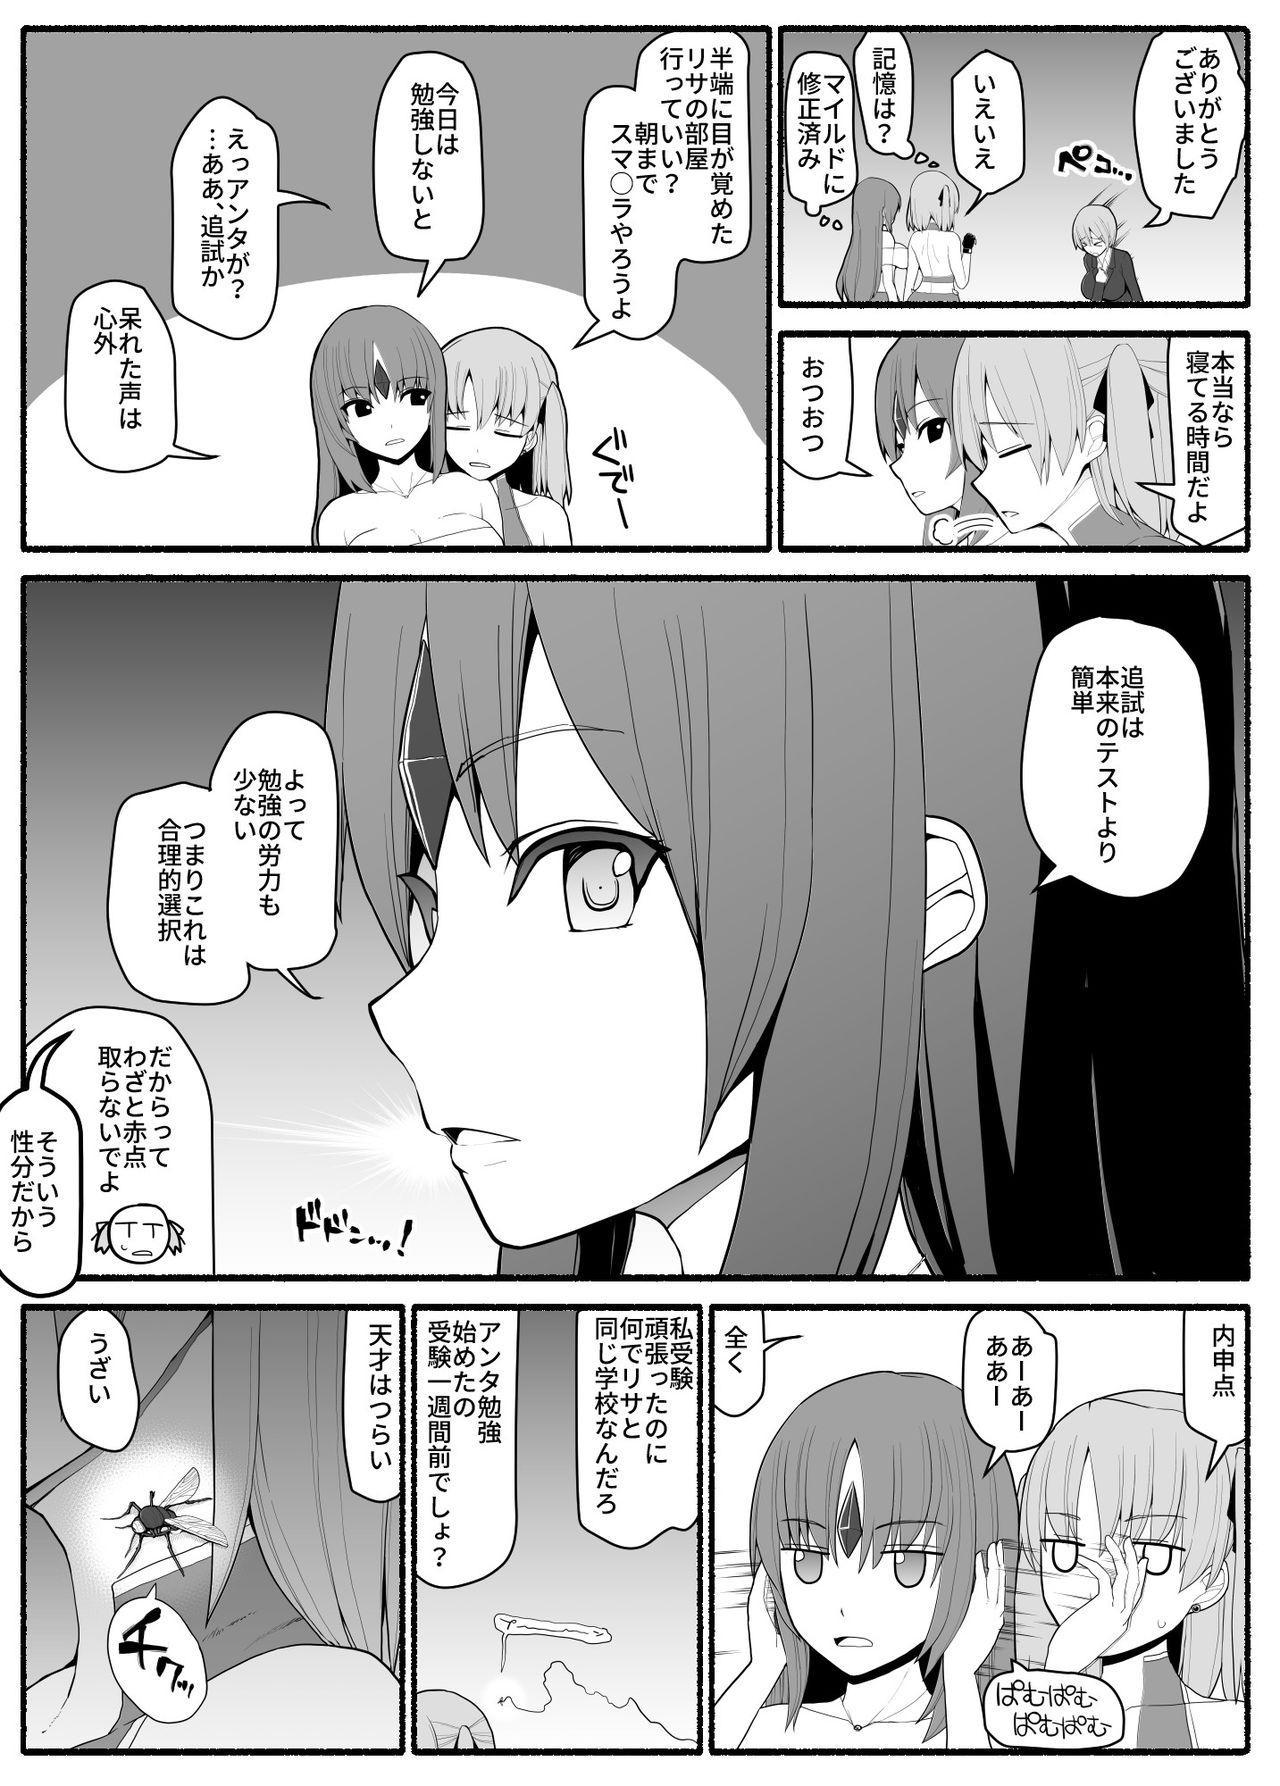 Mahou Shoujo VS Inma Seibutsu 3 7